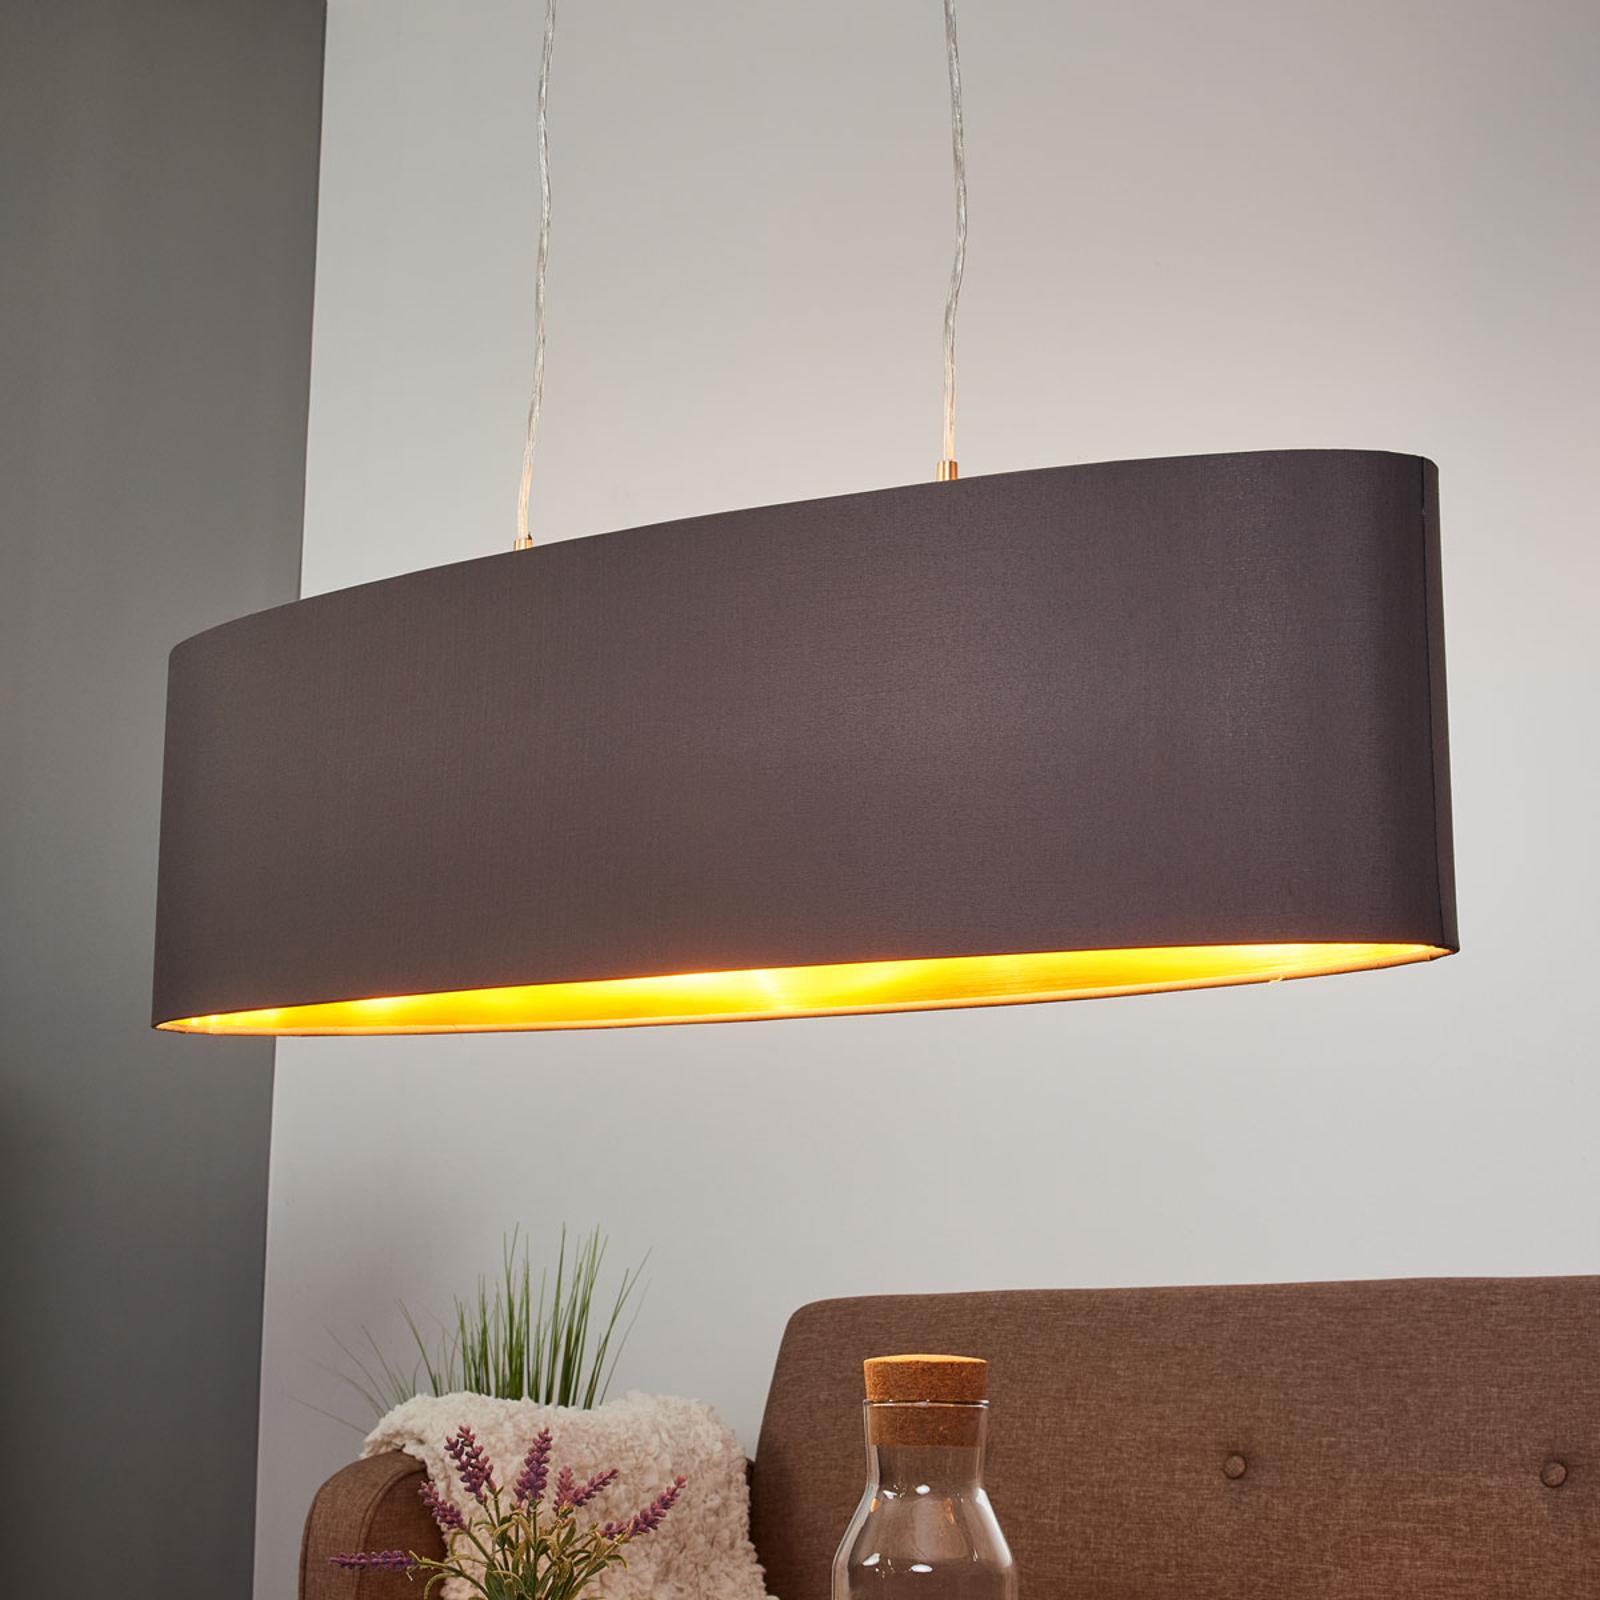 Textilná závesná lampa Lecio, ovál 78 cm čierna_3031697_1